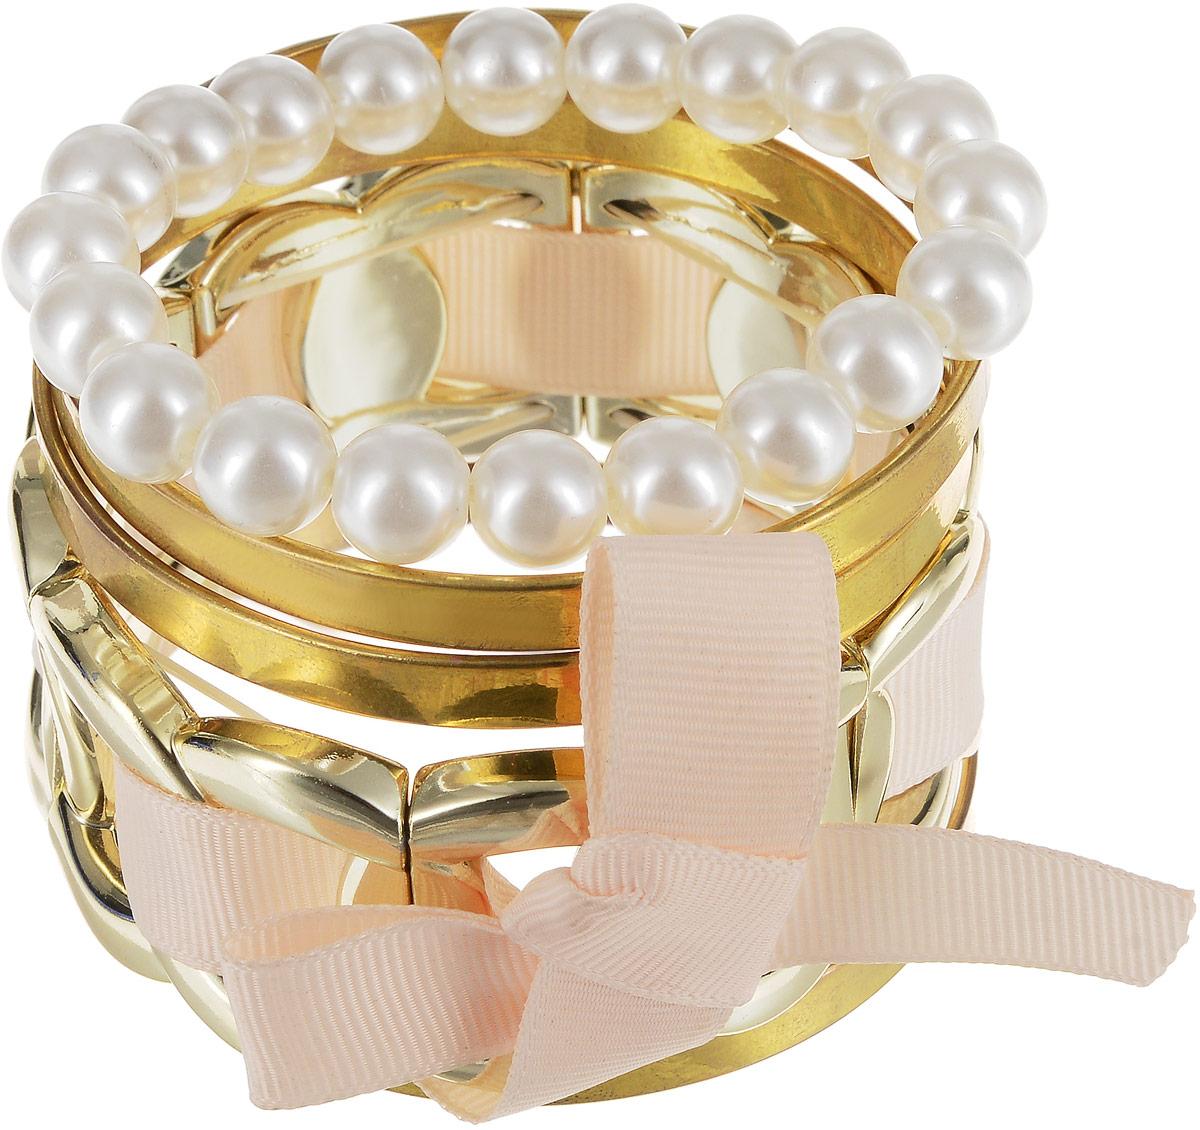 Браслет Art-Silver, цвет: золотой. 05806559-33205806559-332Восхитительный браслет Art-Silver выполнен из бижутерного сплава. Изделие состоит из нескольких разных декоративных элементов. Стильный браслет Art-Silver поможет дополнить любой образ и привнести в него завершающий яркий штрих.